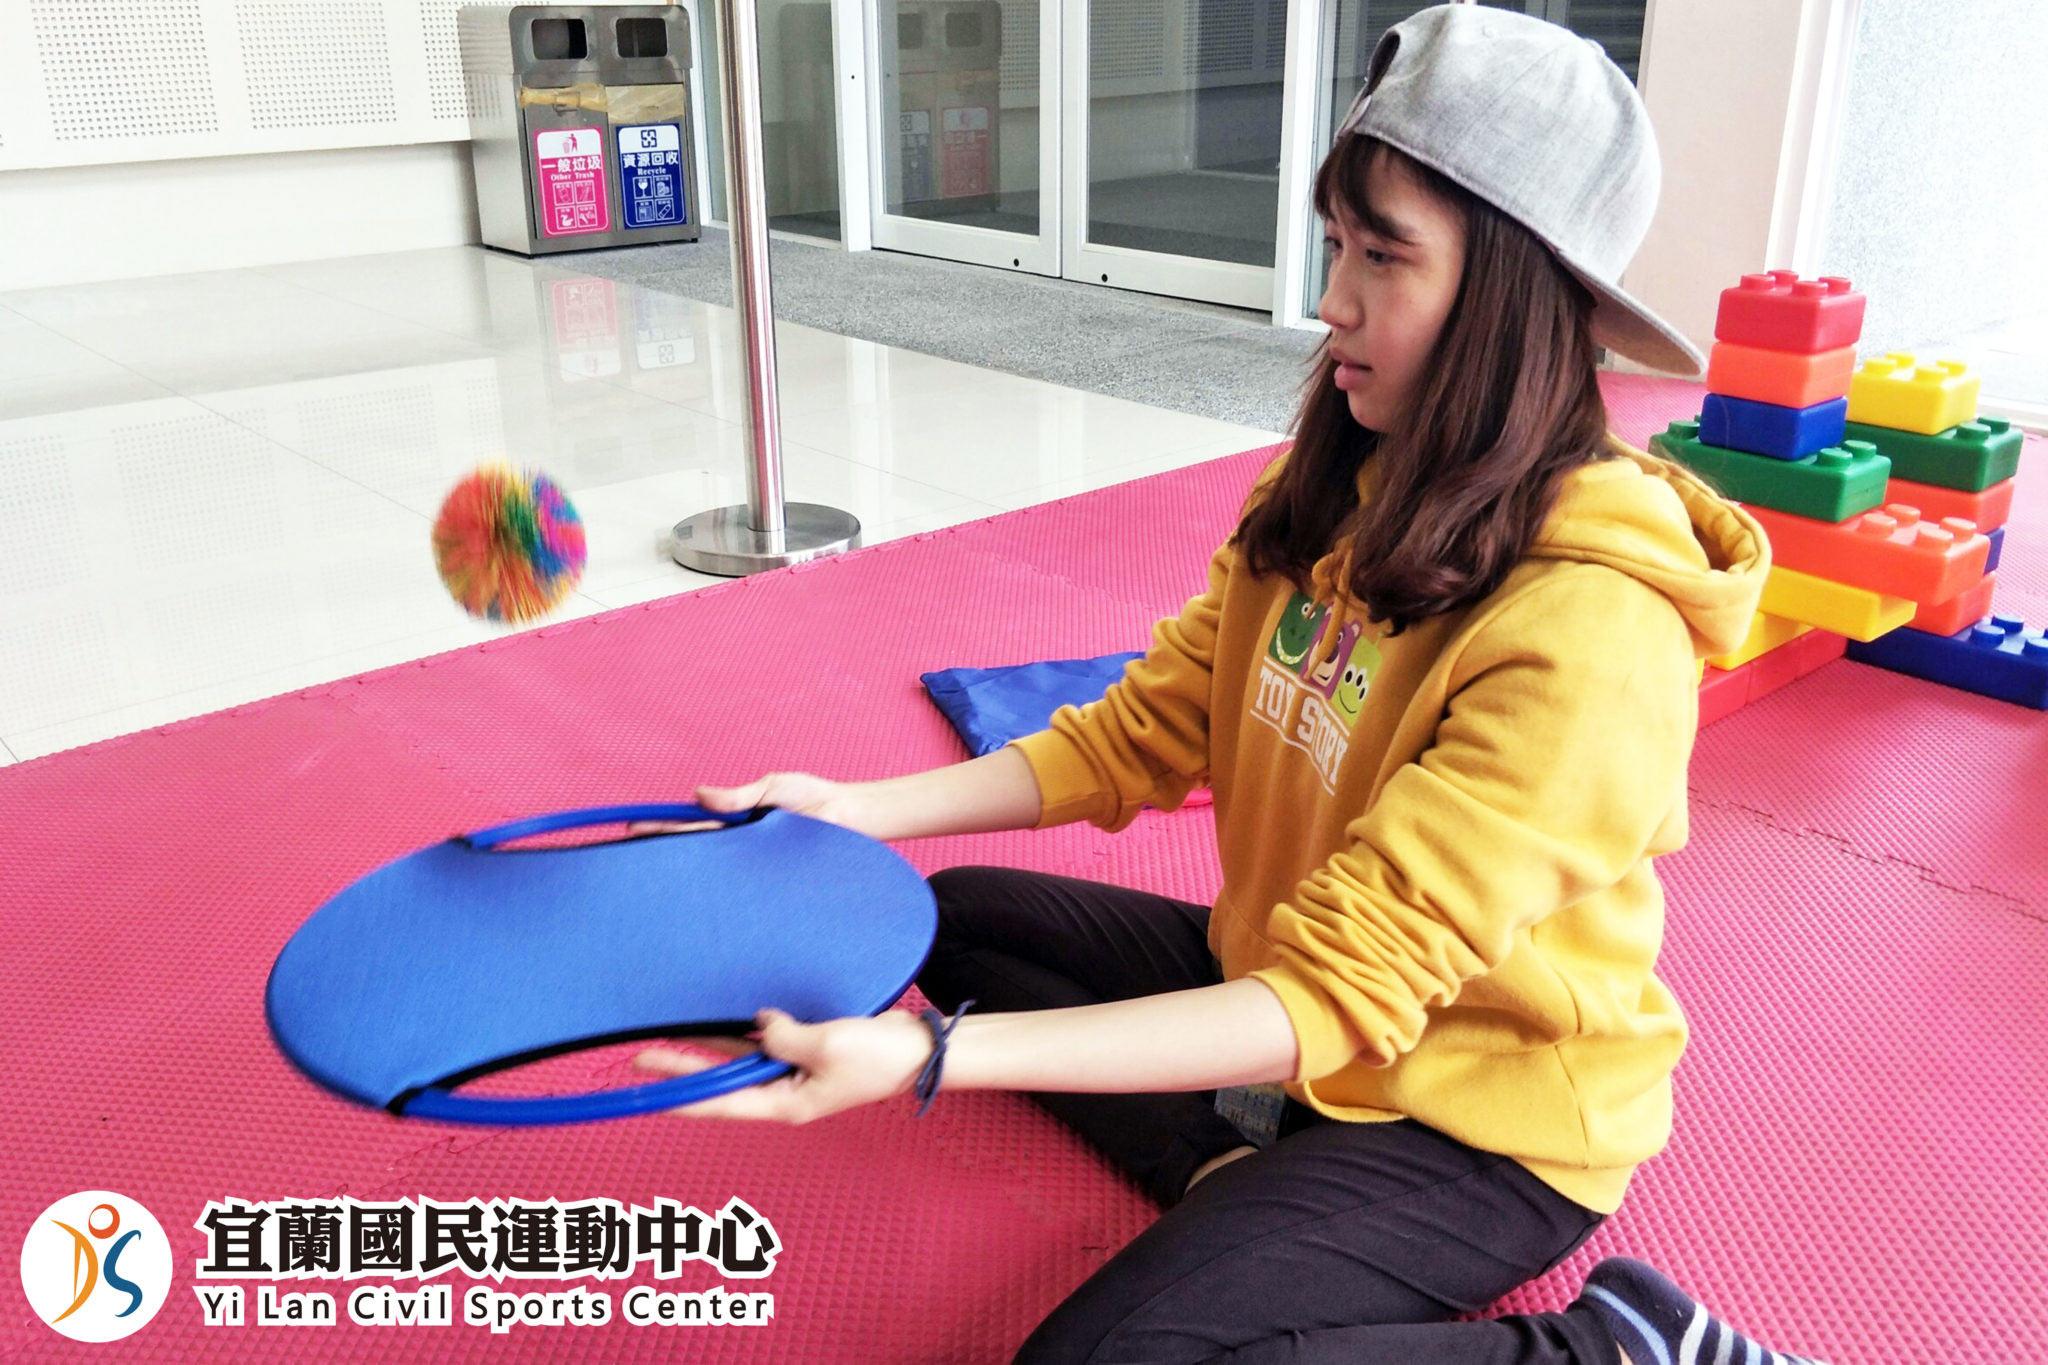 兒童遊戲區-學員玩遊戲球(jpg)